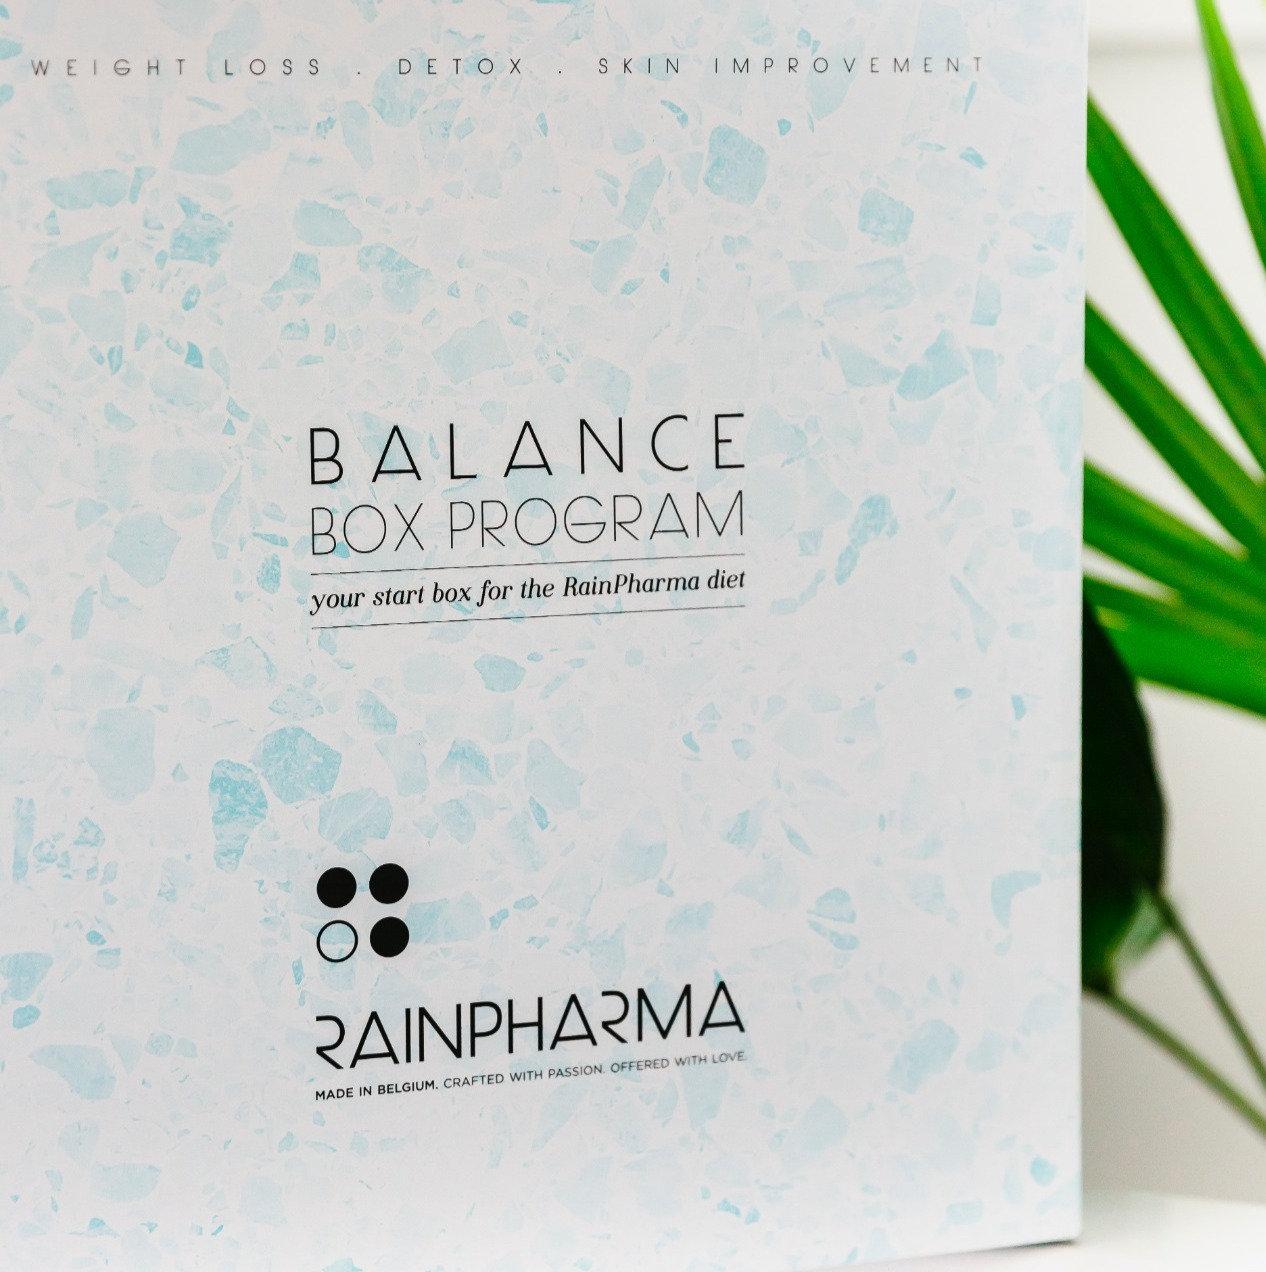 RainPharma Balance Program